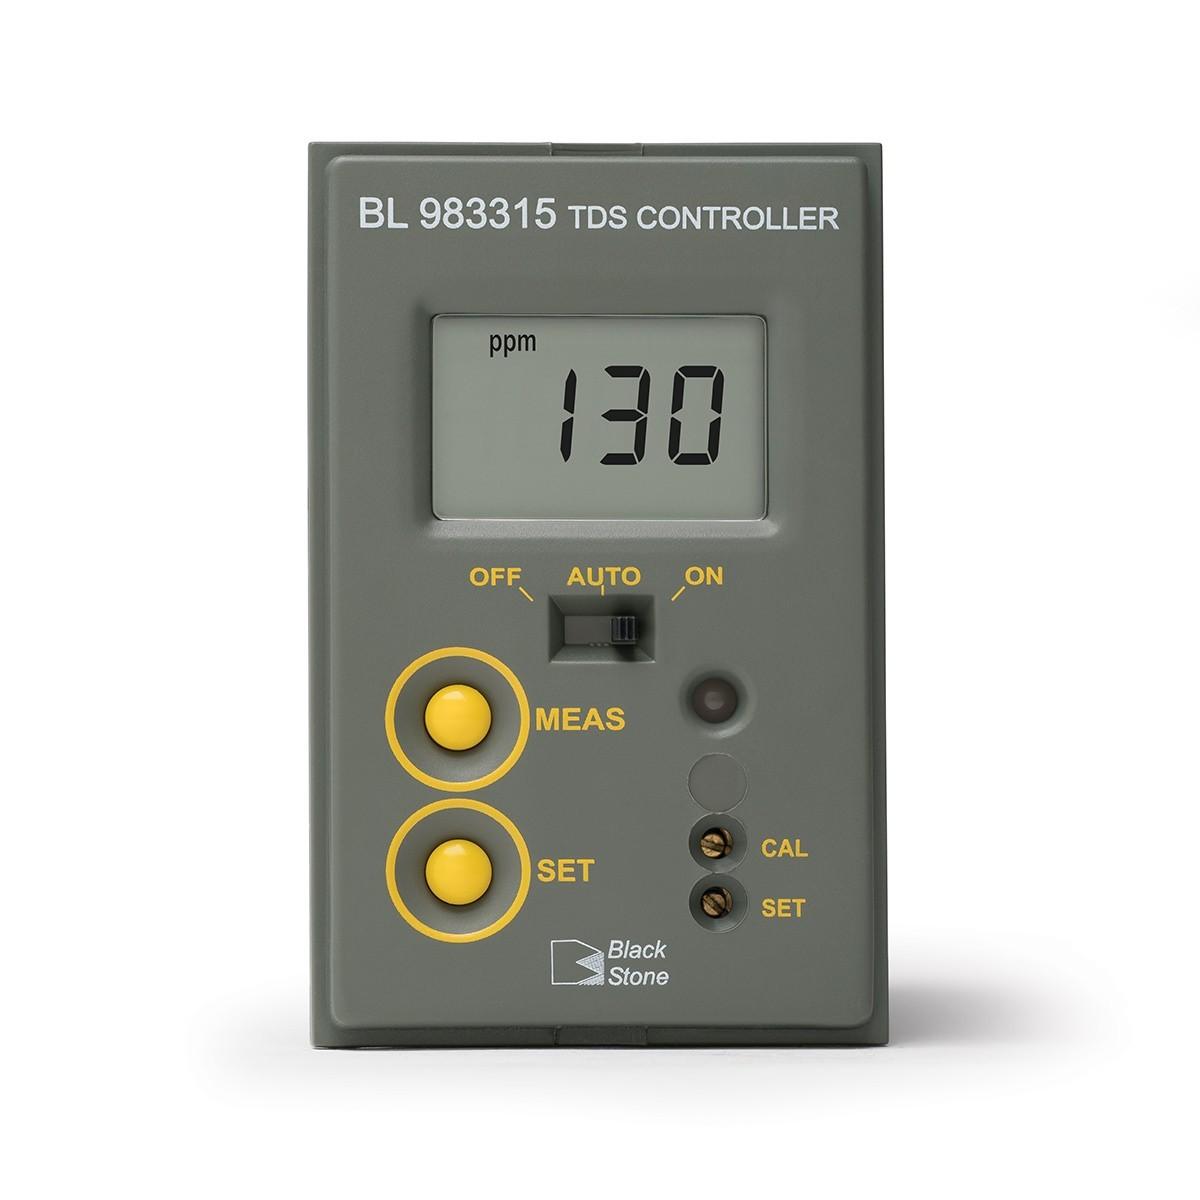 Bộ kiểm soát Mini TDS (0.0 - 199.9 mg/L) BL983315 Hanna